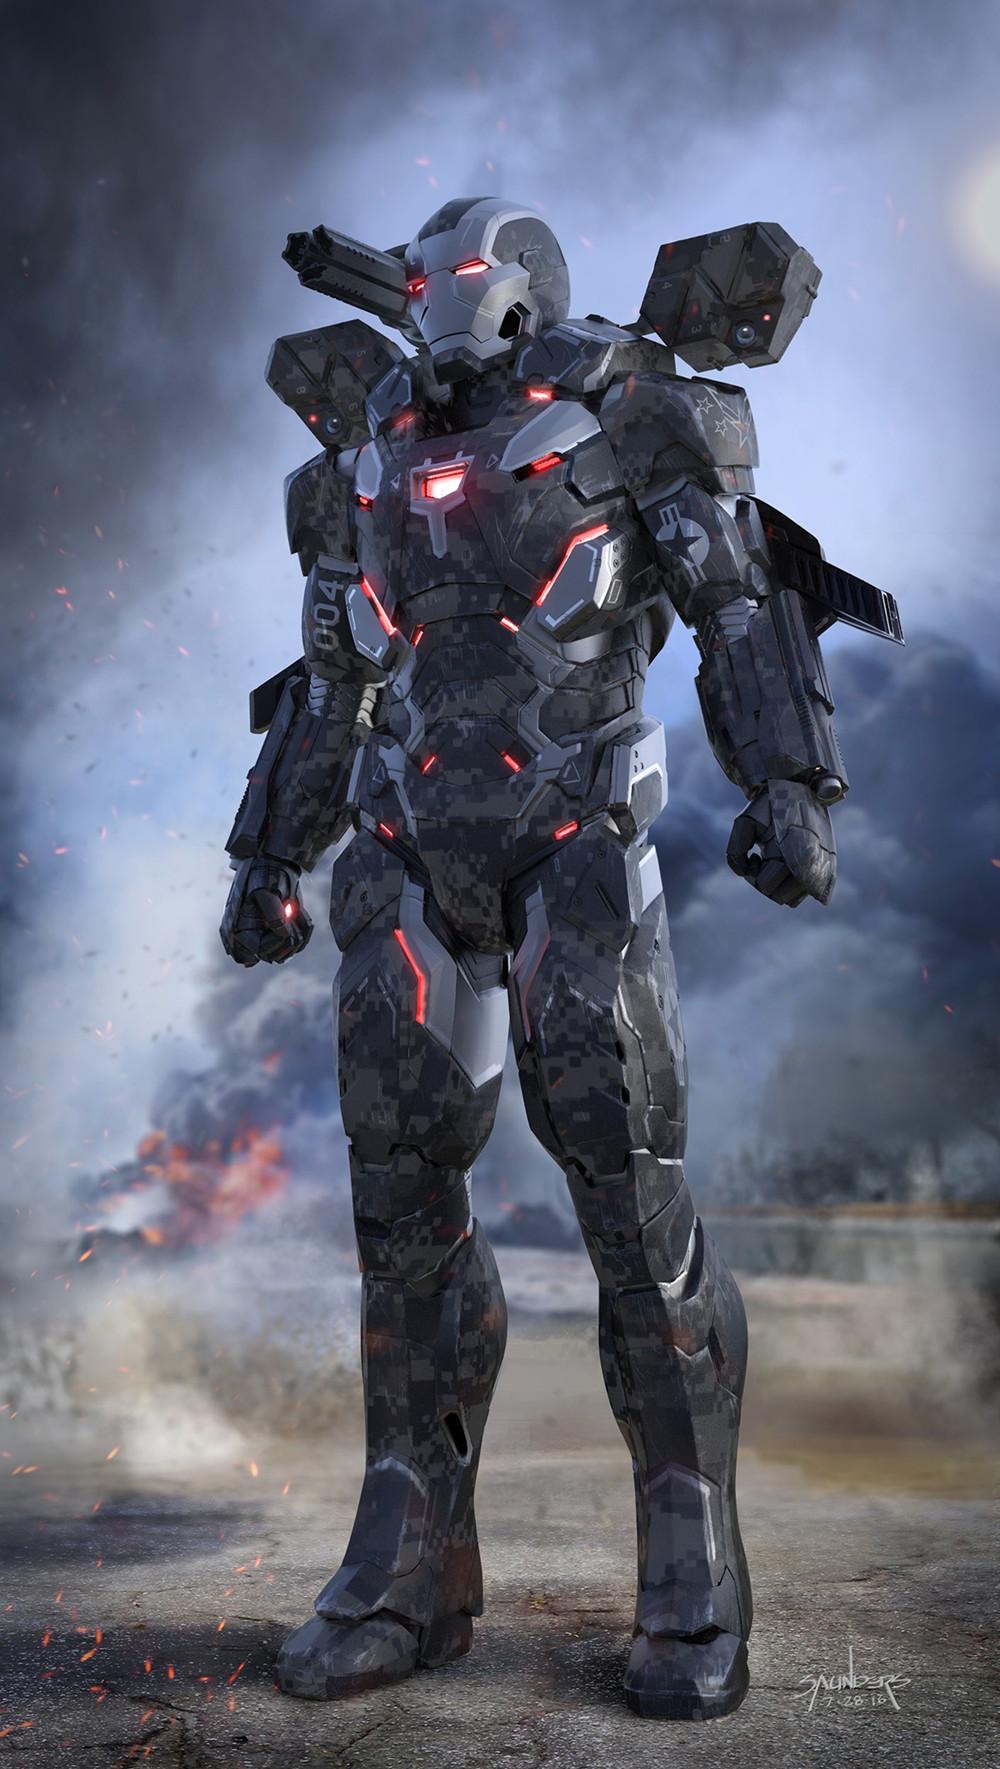 自制钢铁侠战衣_《复仇者联盟3》早期概念图 钢铁侠穿超强战衣战灭霸_3DM单机